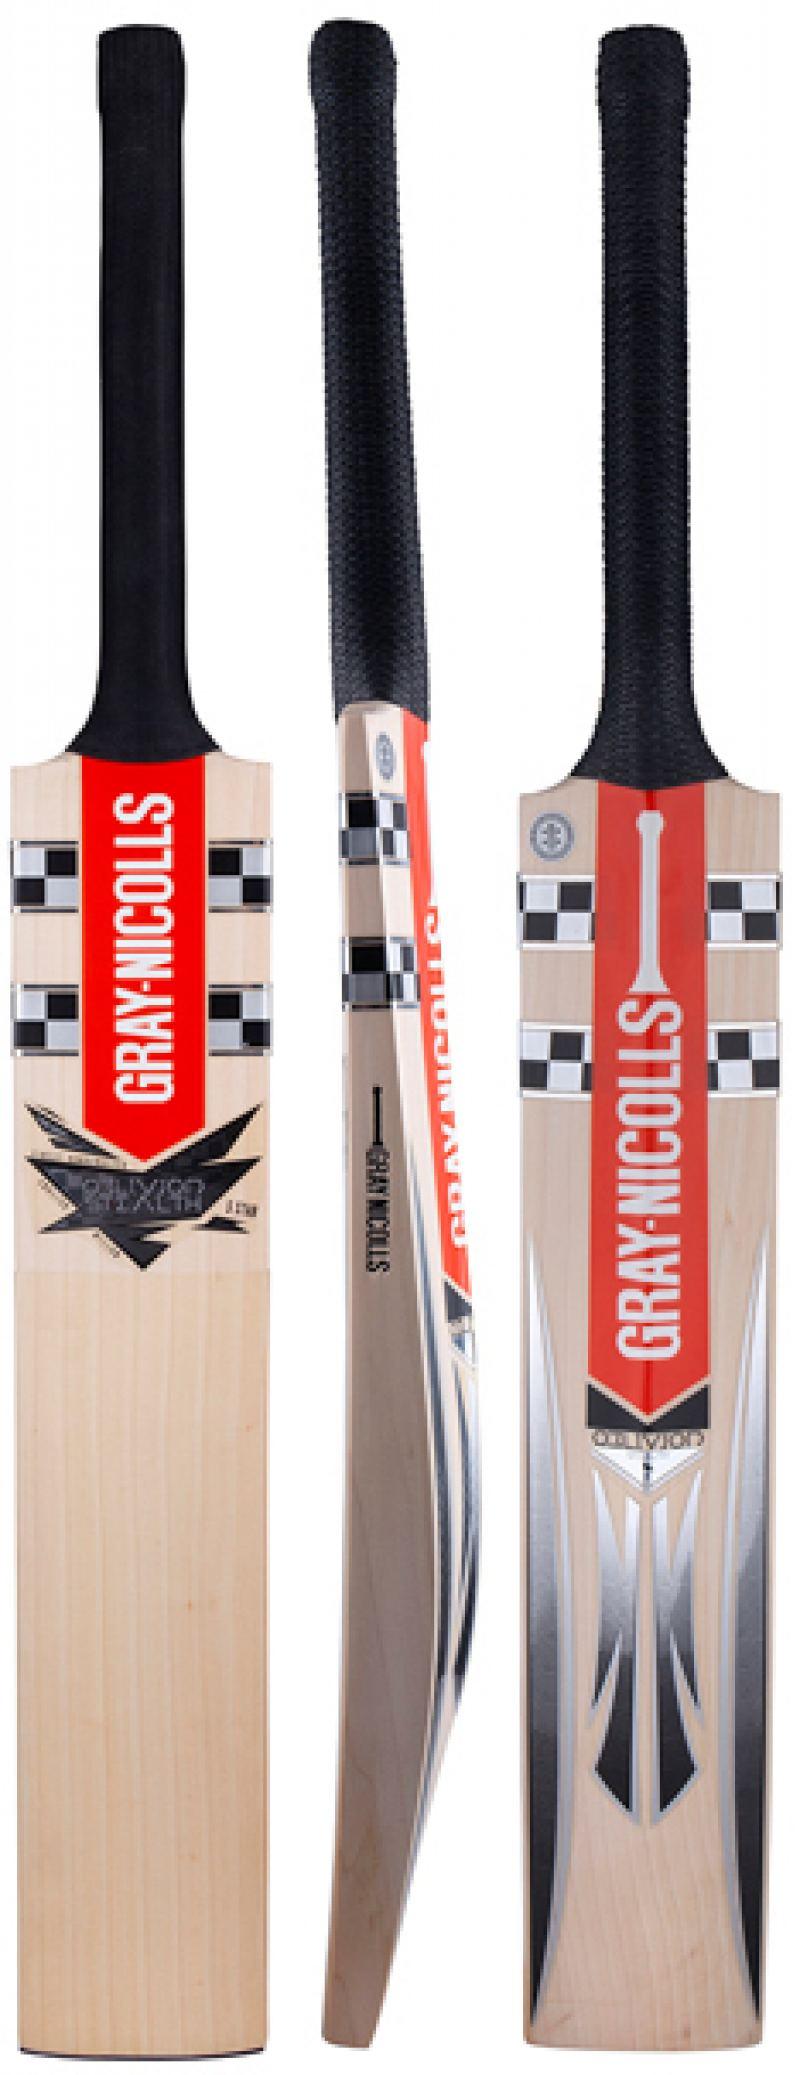 Gray Nicolls Oblivion Stealth 5 Star Lite Cricket Bat